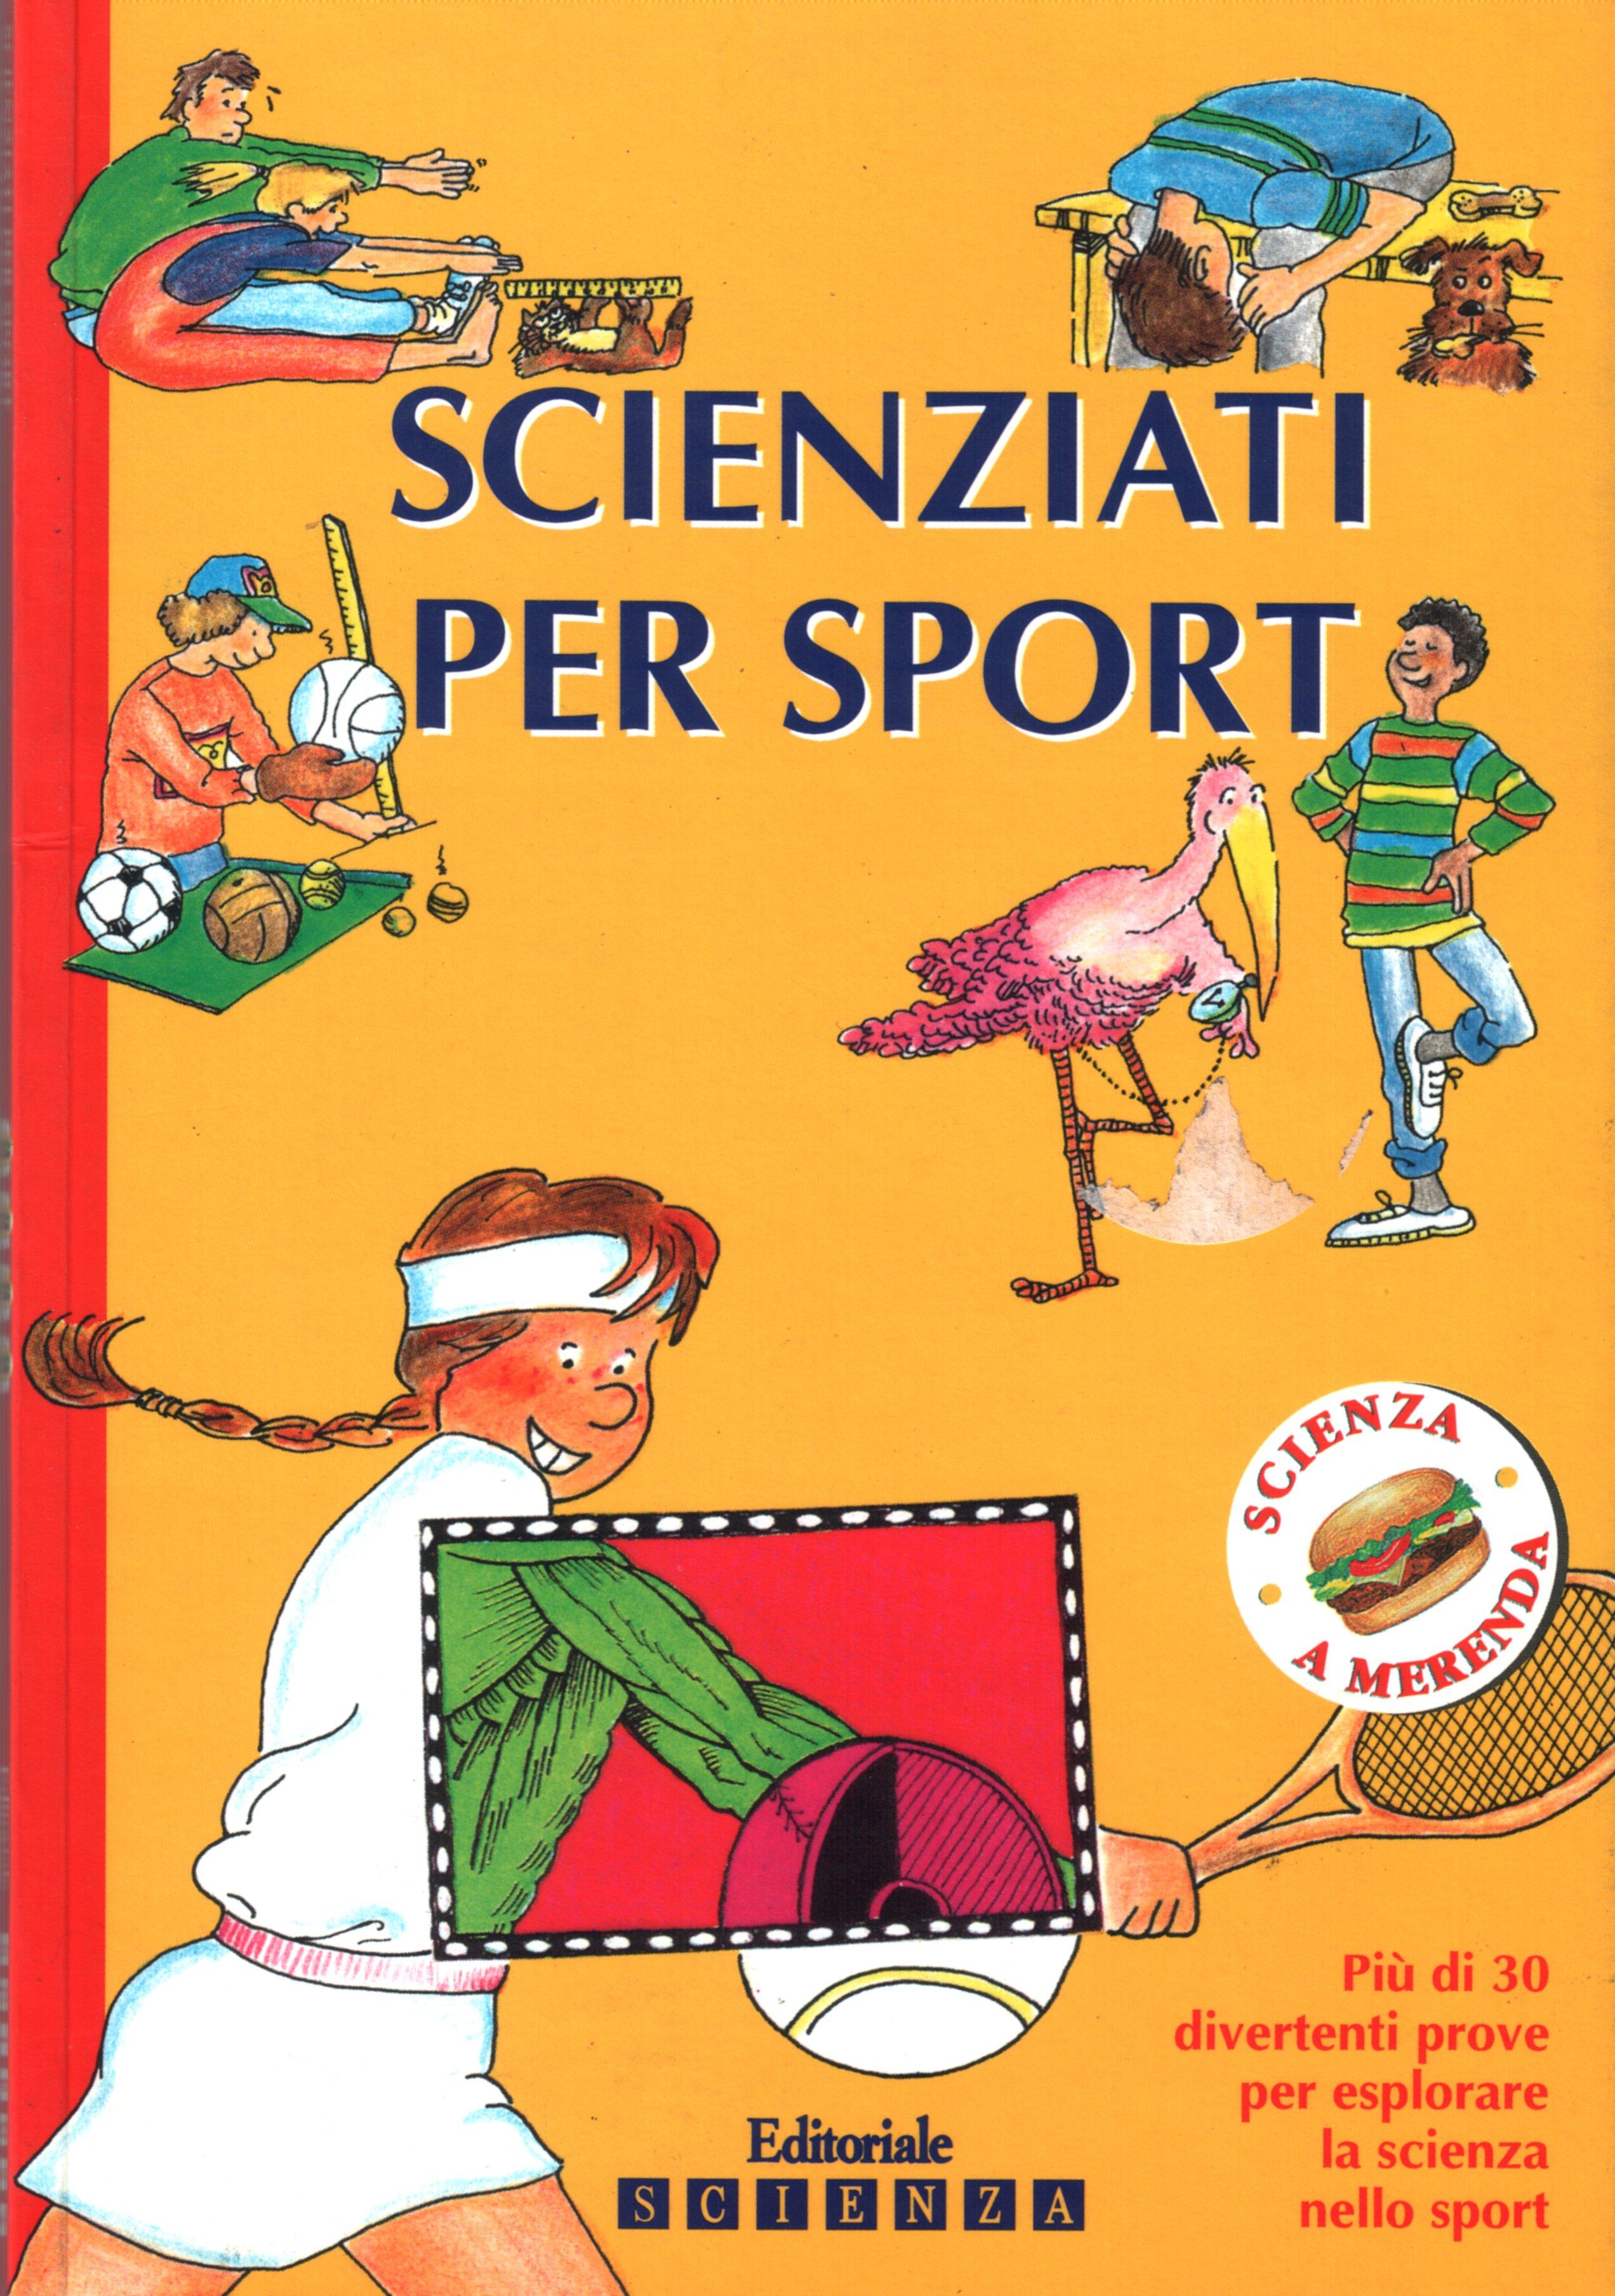 Scienziati per sport